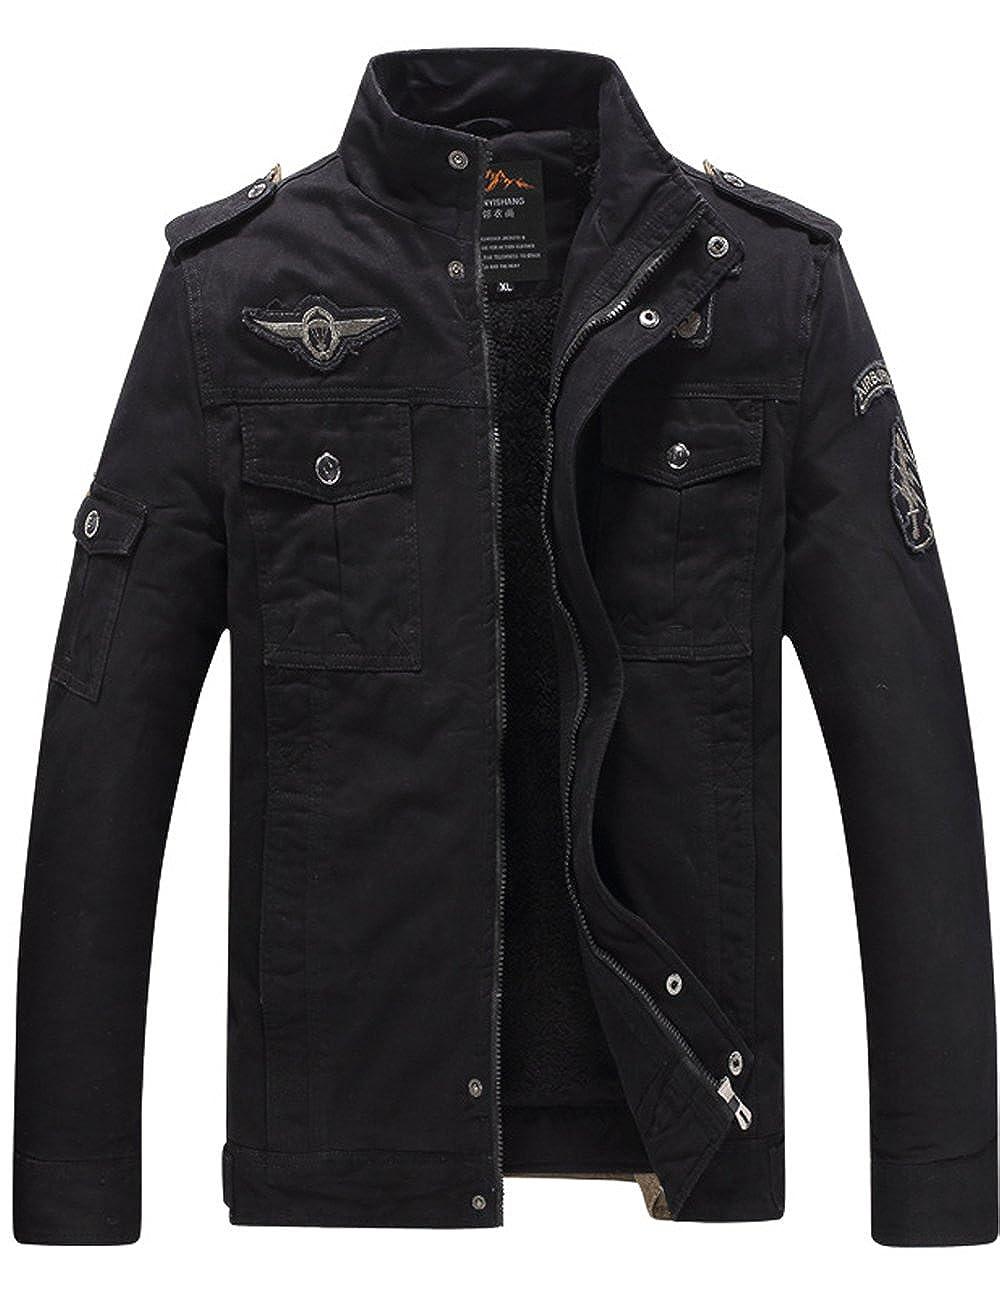 Menschwear Hombre Chaquetas con Forro De Lana para Winter Warm Outwear CN-FJBR-8333